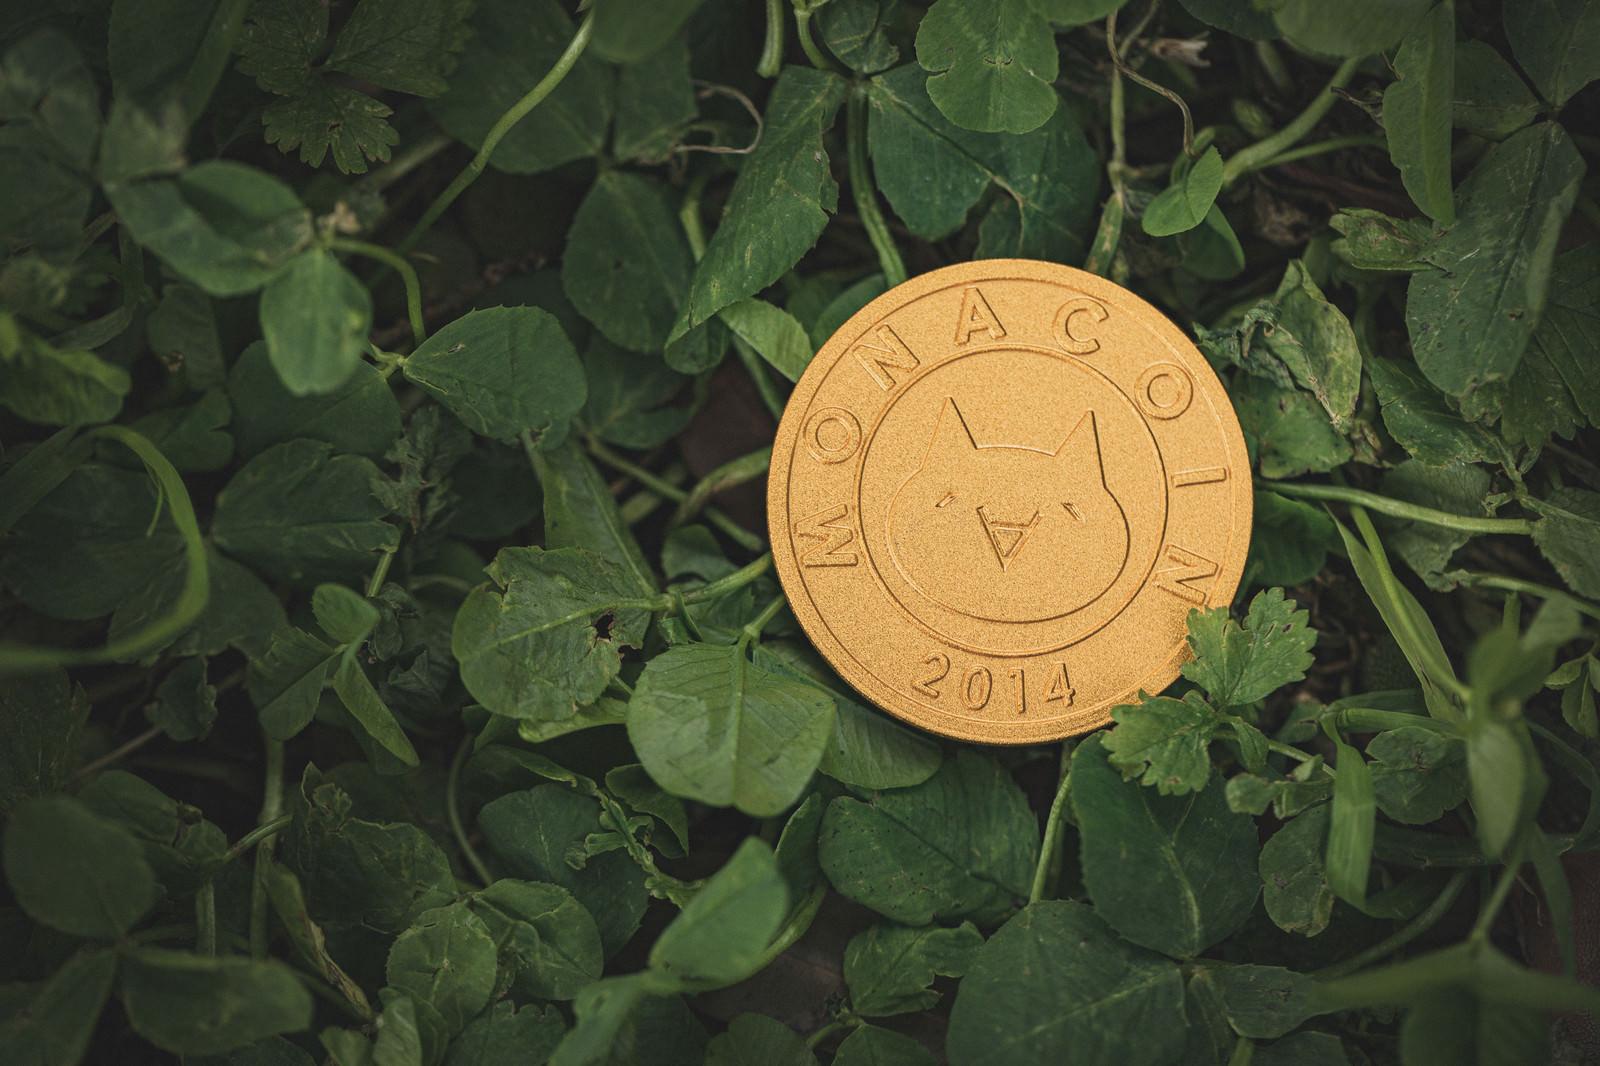 「草むらとモナコイン」の写真